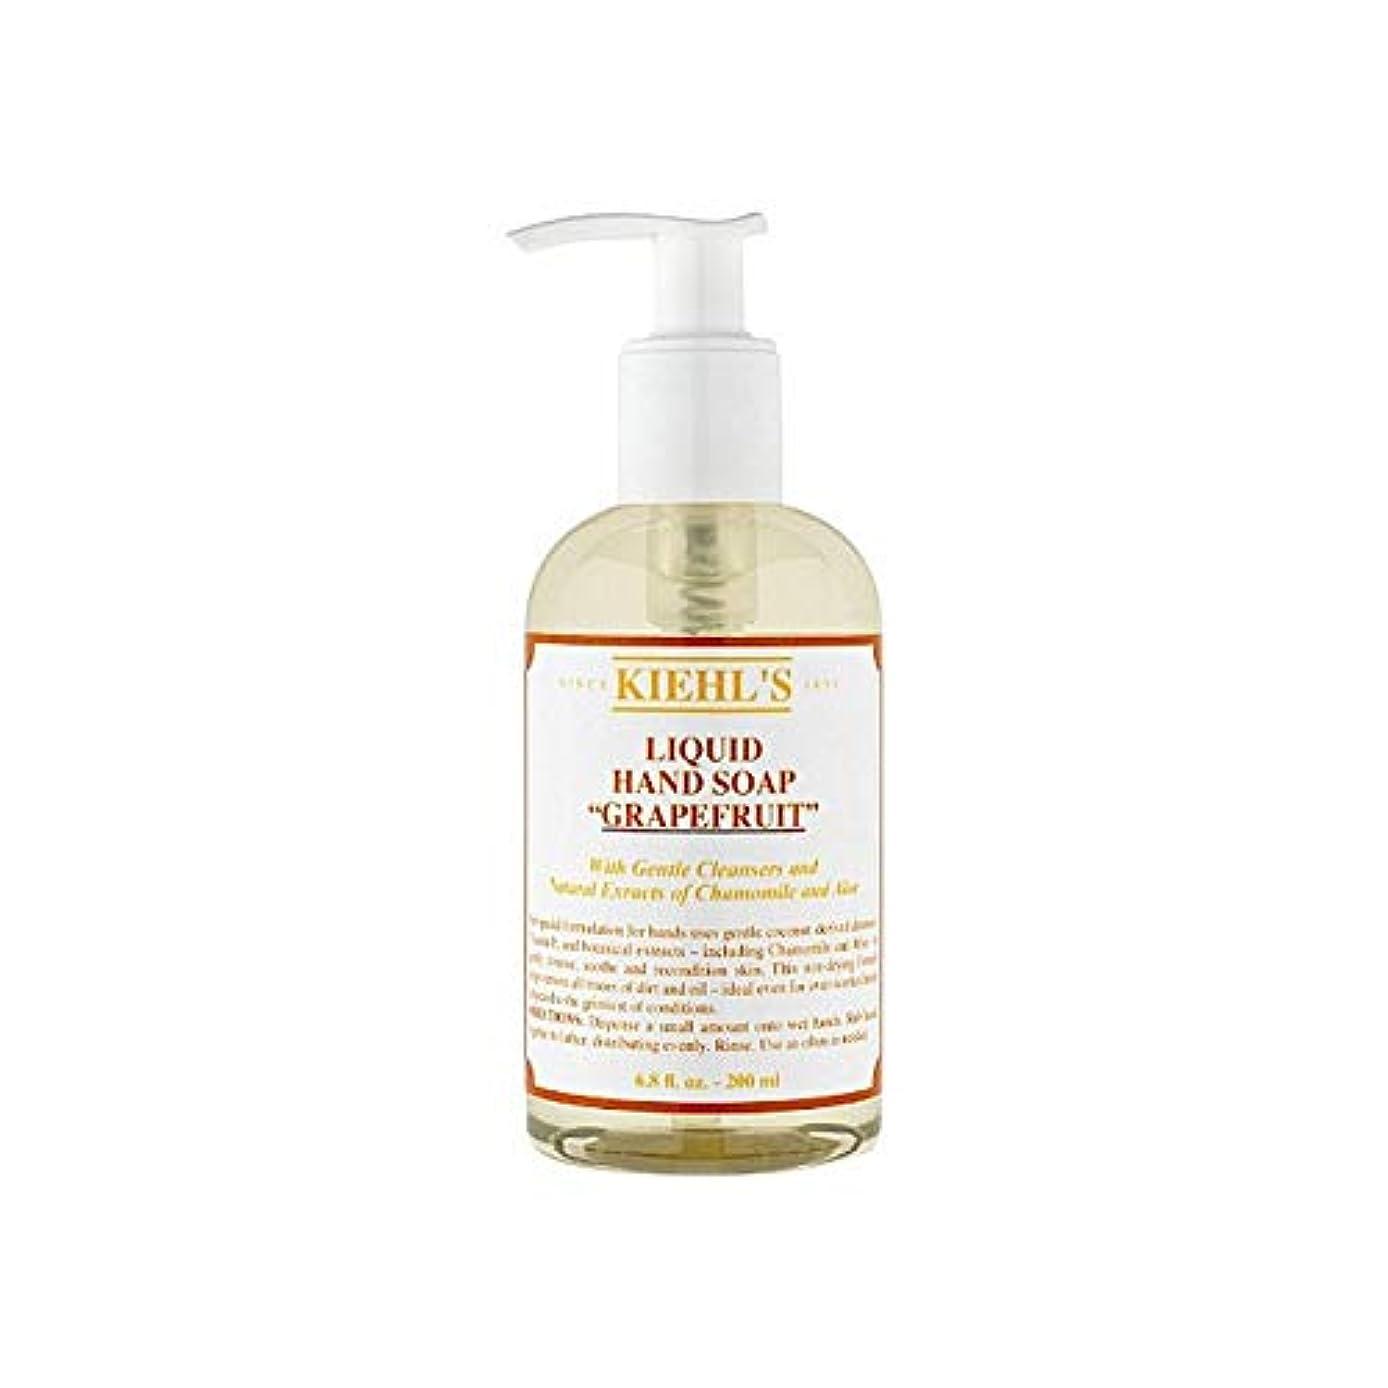 チャンバー申し込む[Kiehl's ] キールズ液体ハンドソープ - グレープフルーツ250ミリリットル - Kiehl's Liquid Hand Soap - Grapefruit 250ml [並行輸入品]